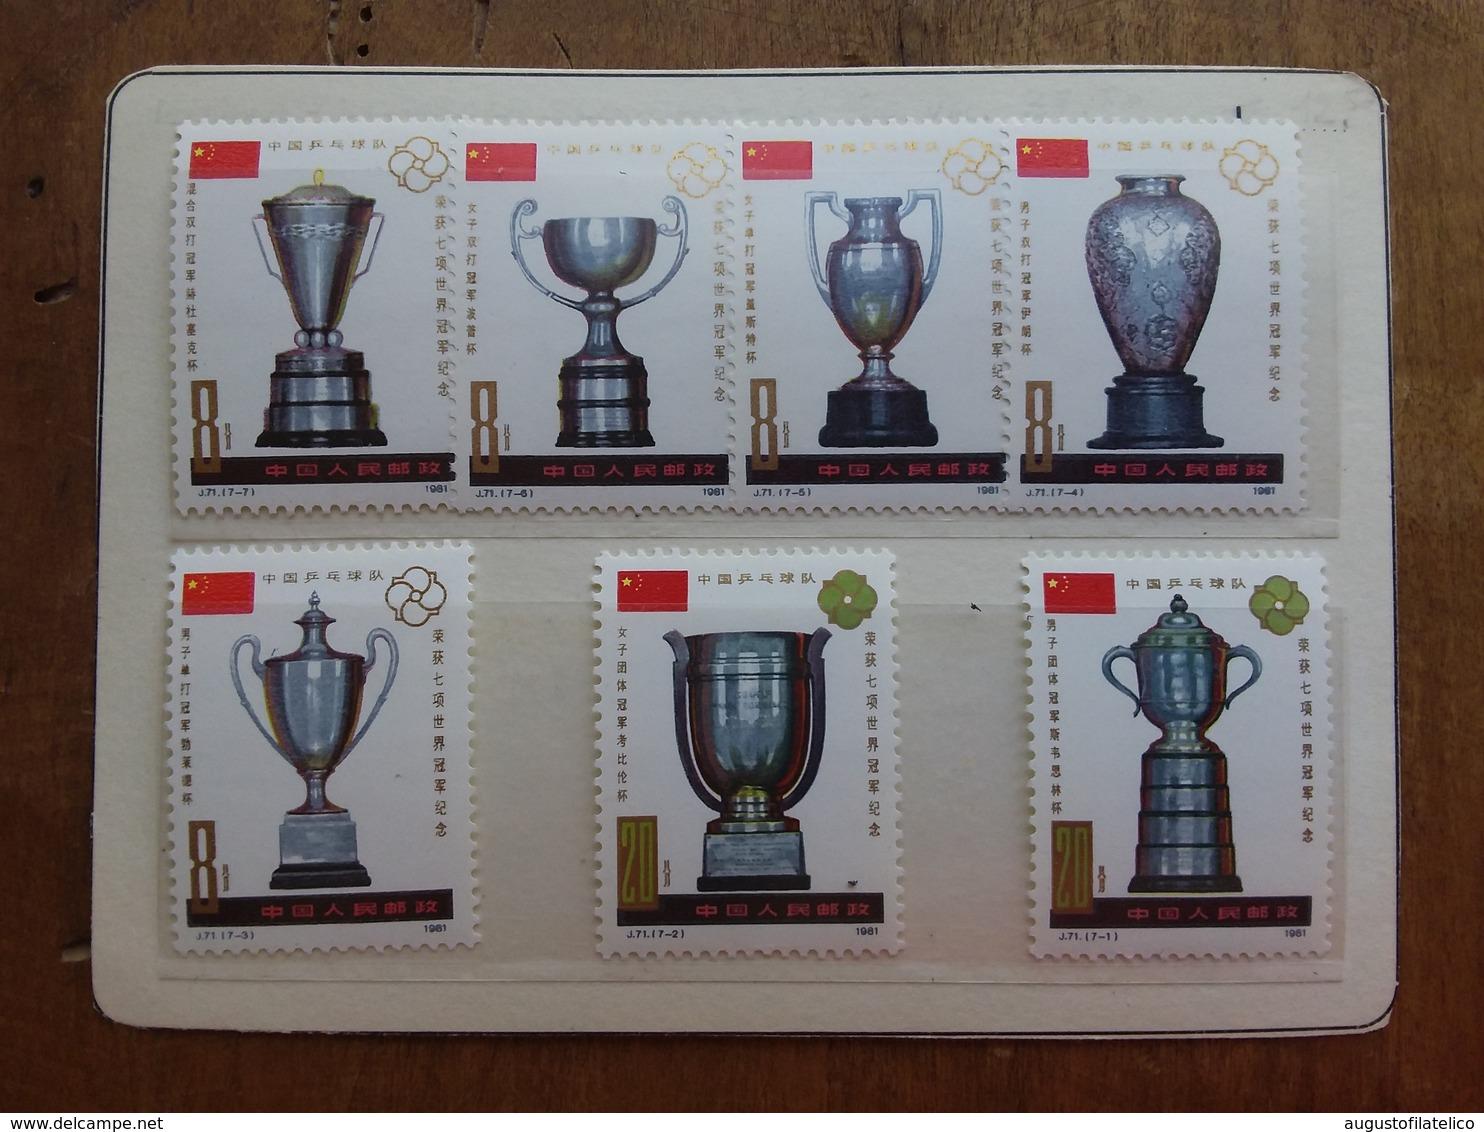 CINA 1981 - Vittoria Della Cina Campionati Mondiali Di Ping-pong Nuovi ** + Spese Postali - 1949 - ... Repubblica Popolare